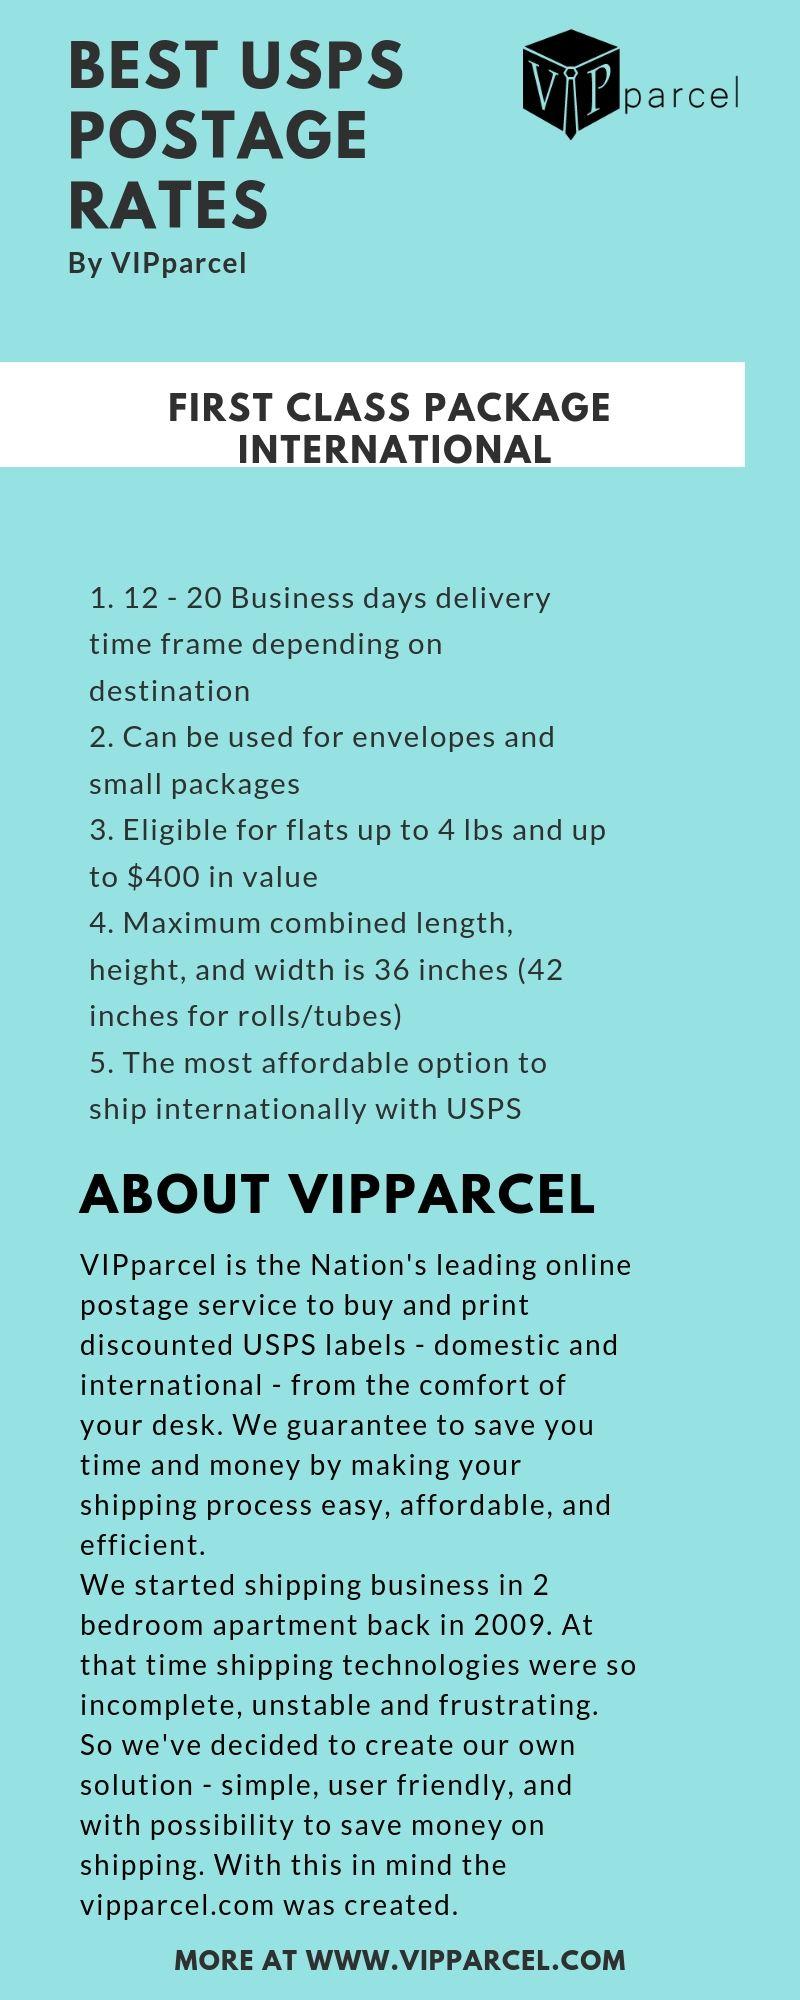 Best USPS Postage Rates - VIPparcel   Best USPS Postage